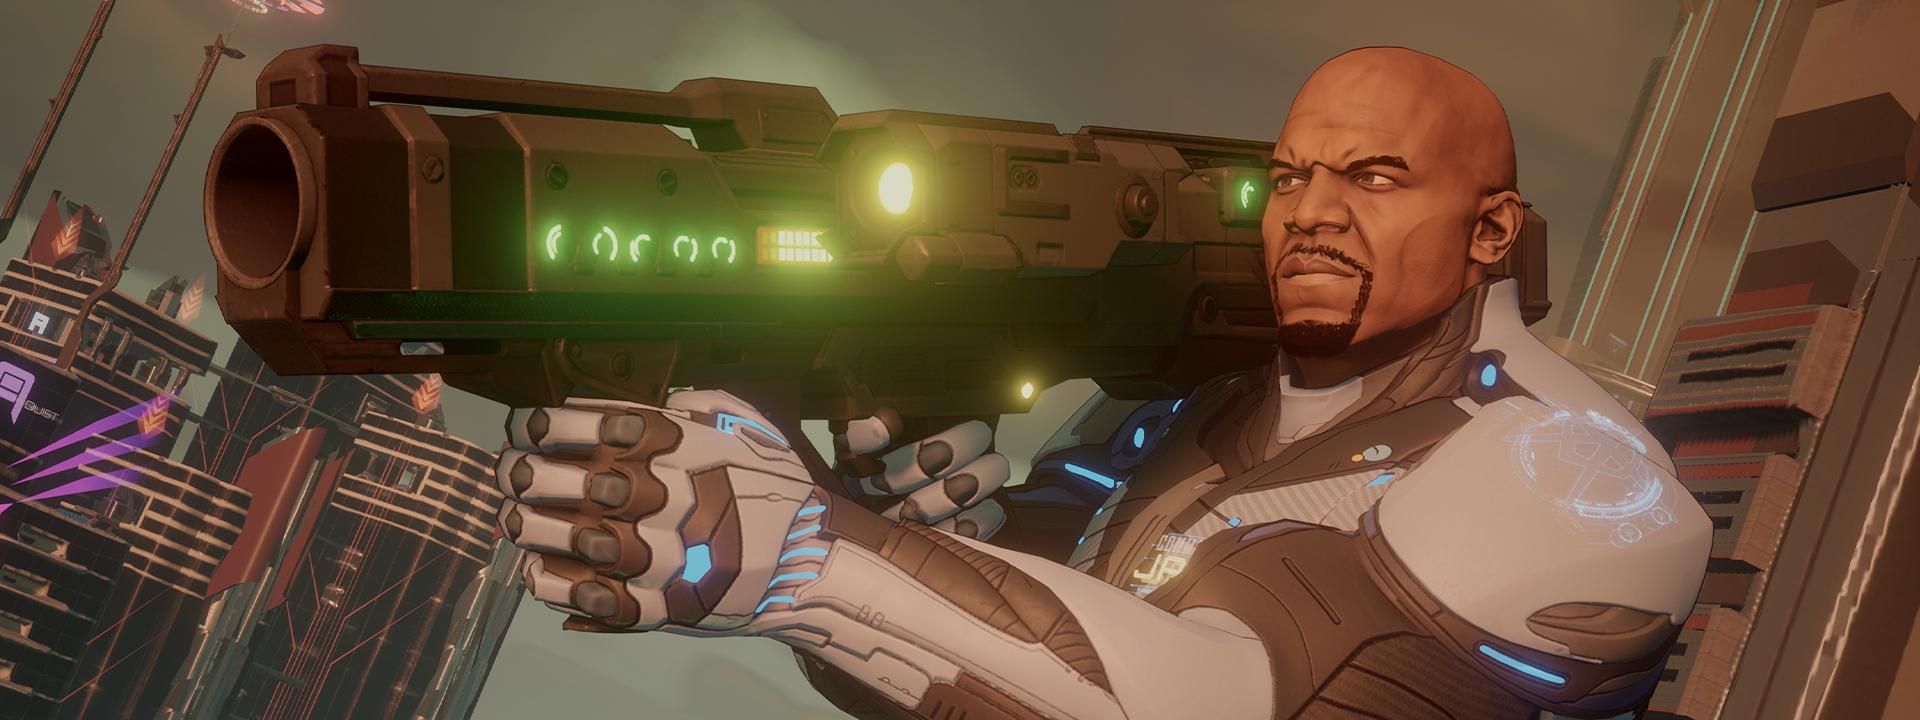 En agent som är redo att skjuta med ett vapen mot axeln